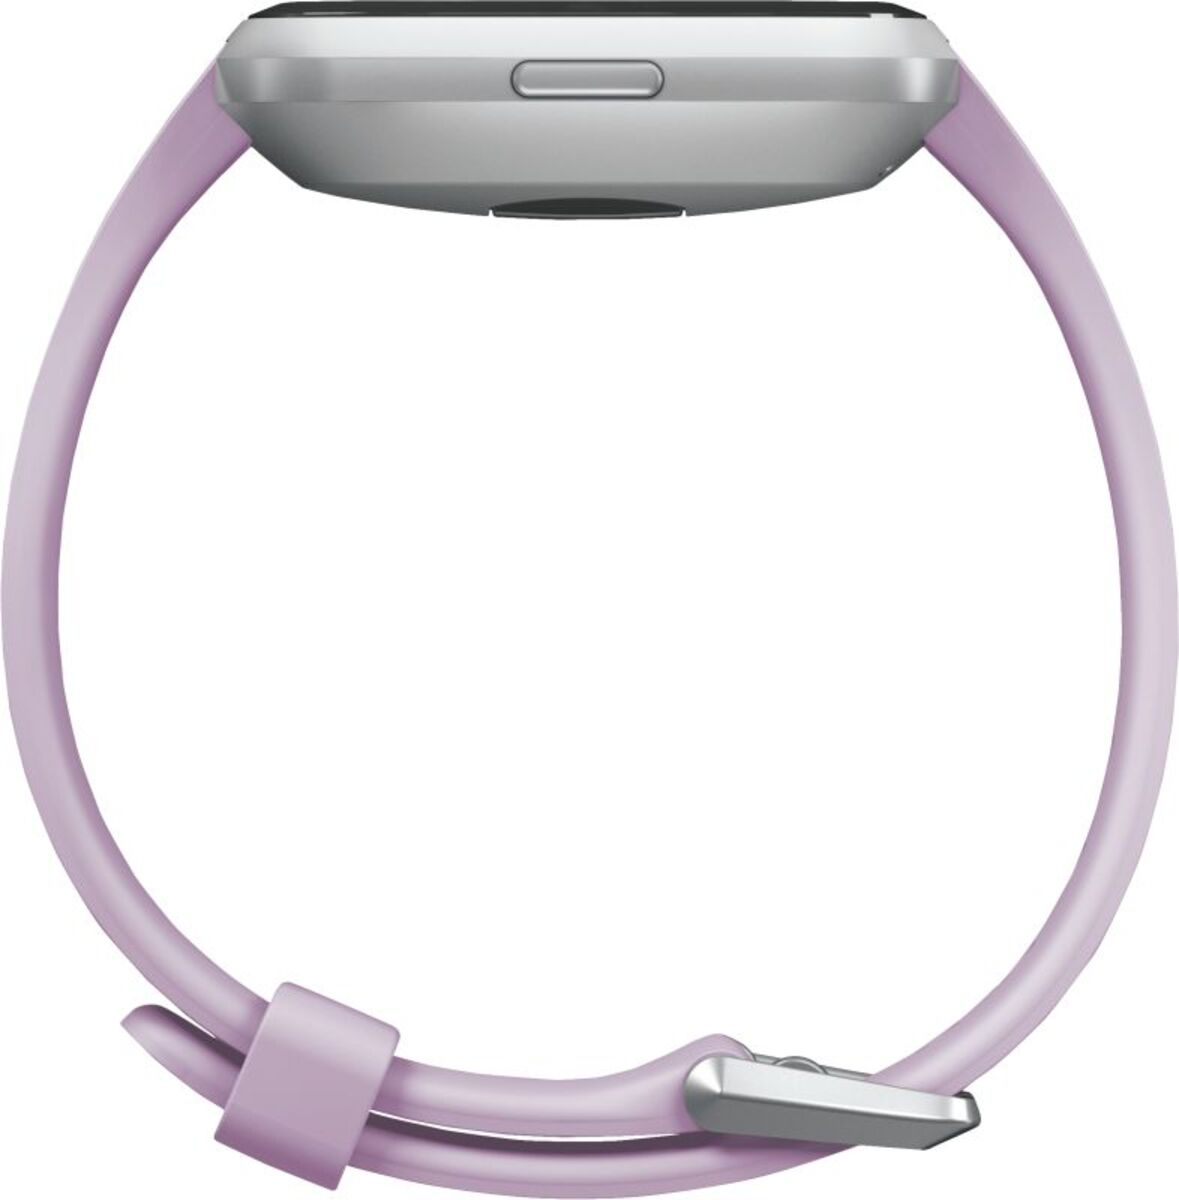 Bild 4 von Fitbit Versa Lite,Aluminum